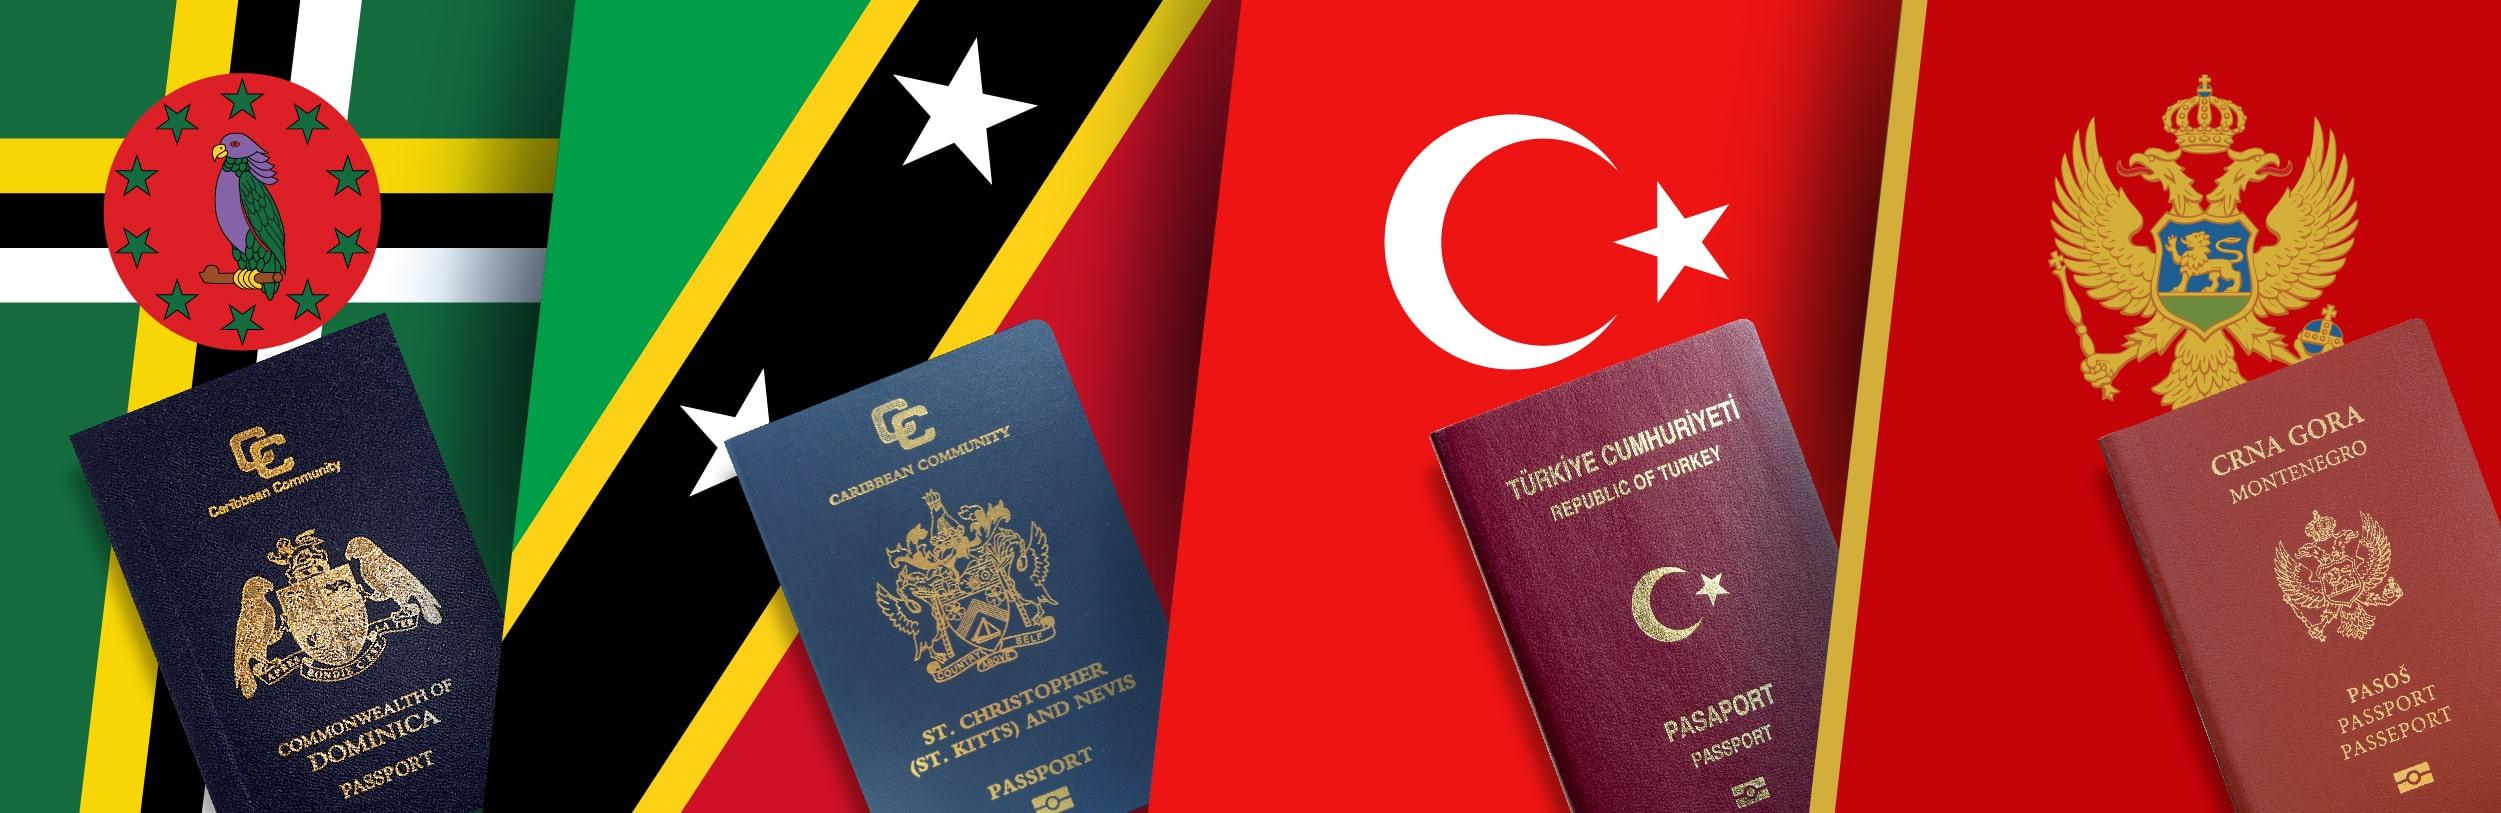 Những chương trình lấy quốc tịch nhanh và mức đầu tư thấp nhất 2021 (BANNER)